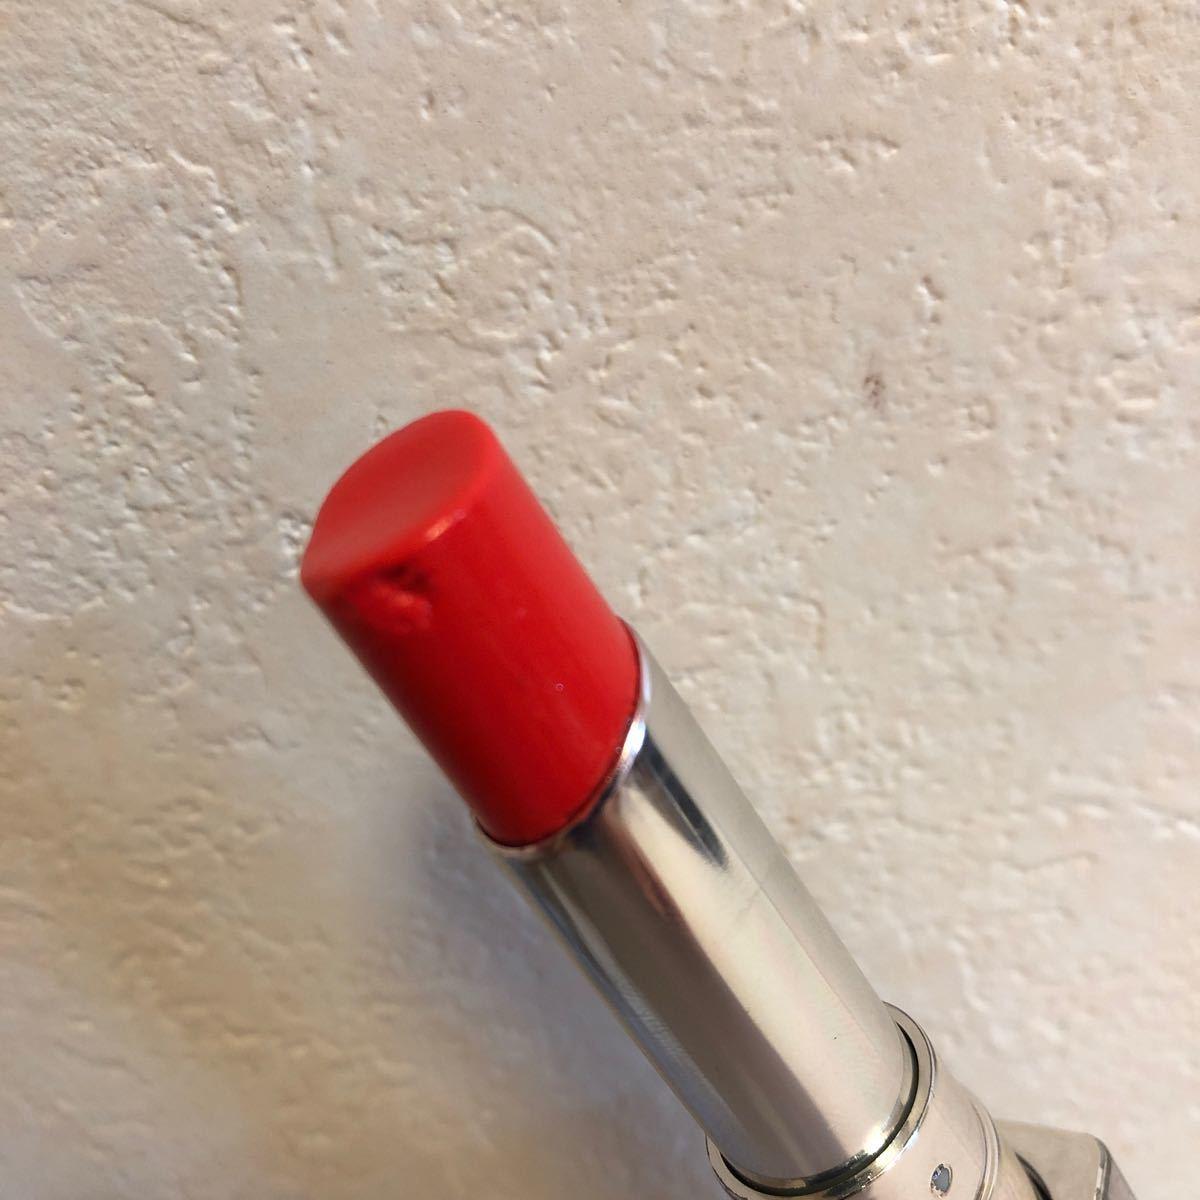 ディオール アディクト ステラーシャイン リップ 639 リビエラスター dior